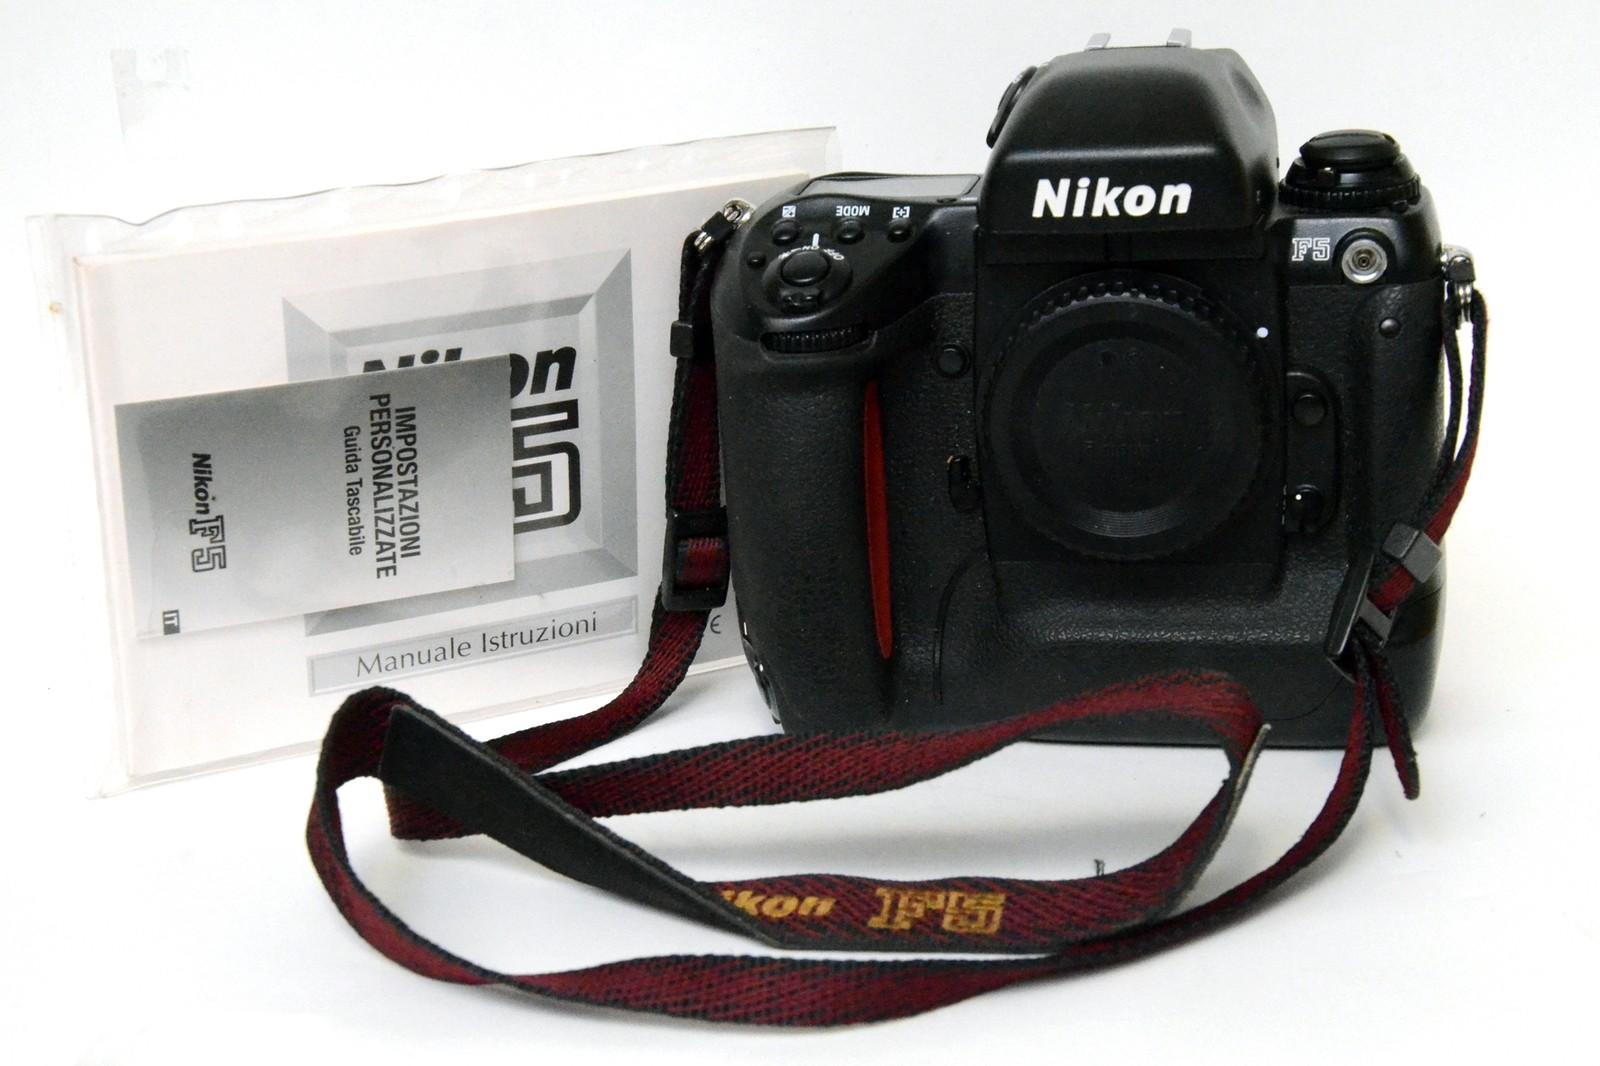 Nikon f5 fotocamera a pellicola professionale motorizzata for Finestra vasistas motorizzata prezzo